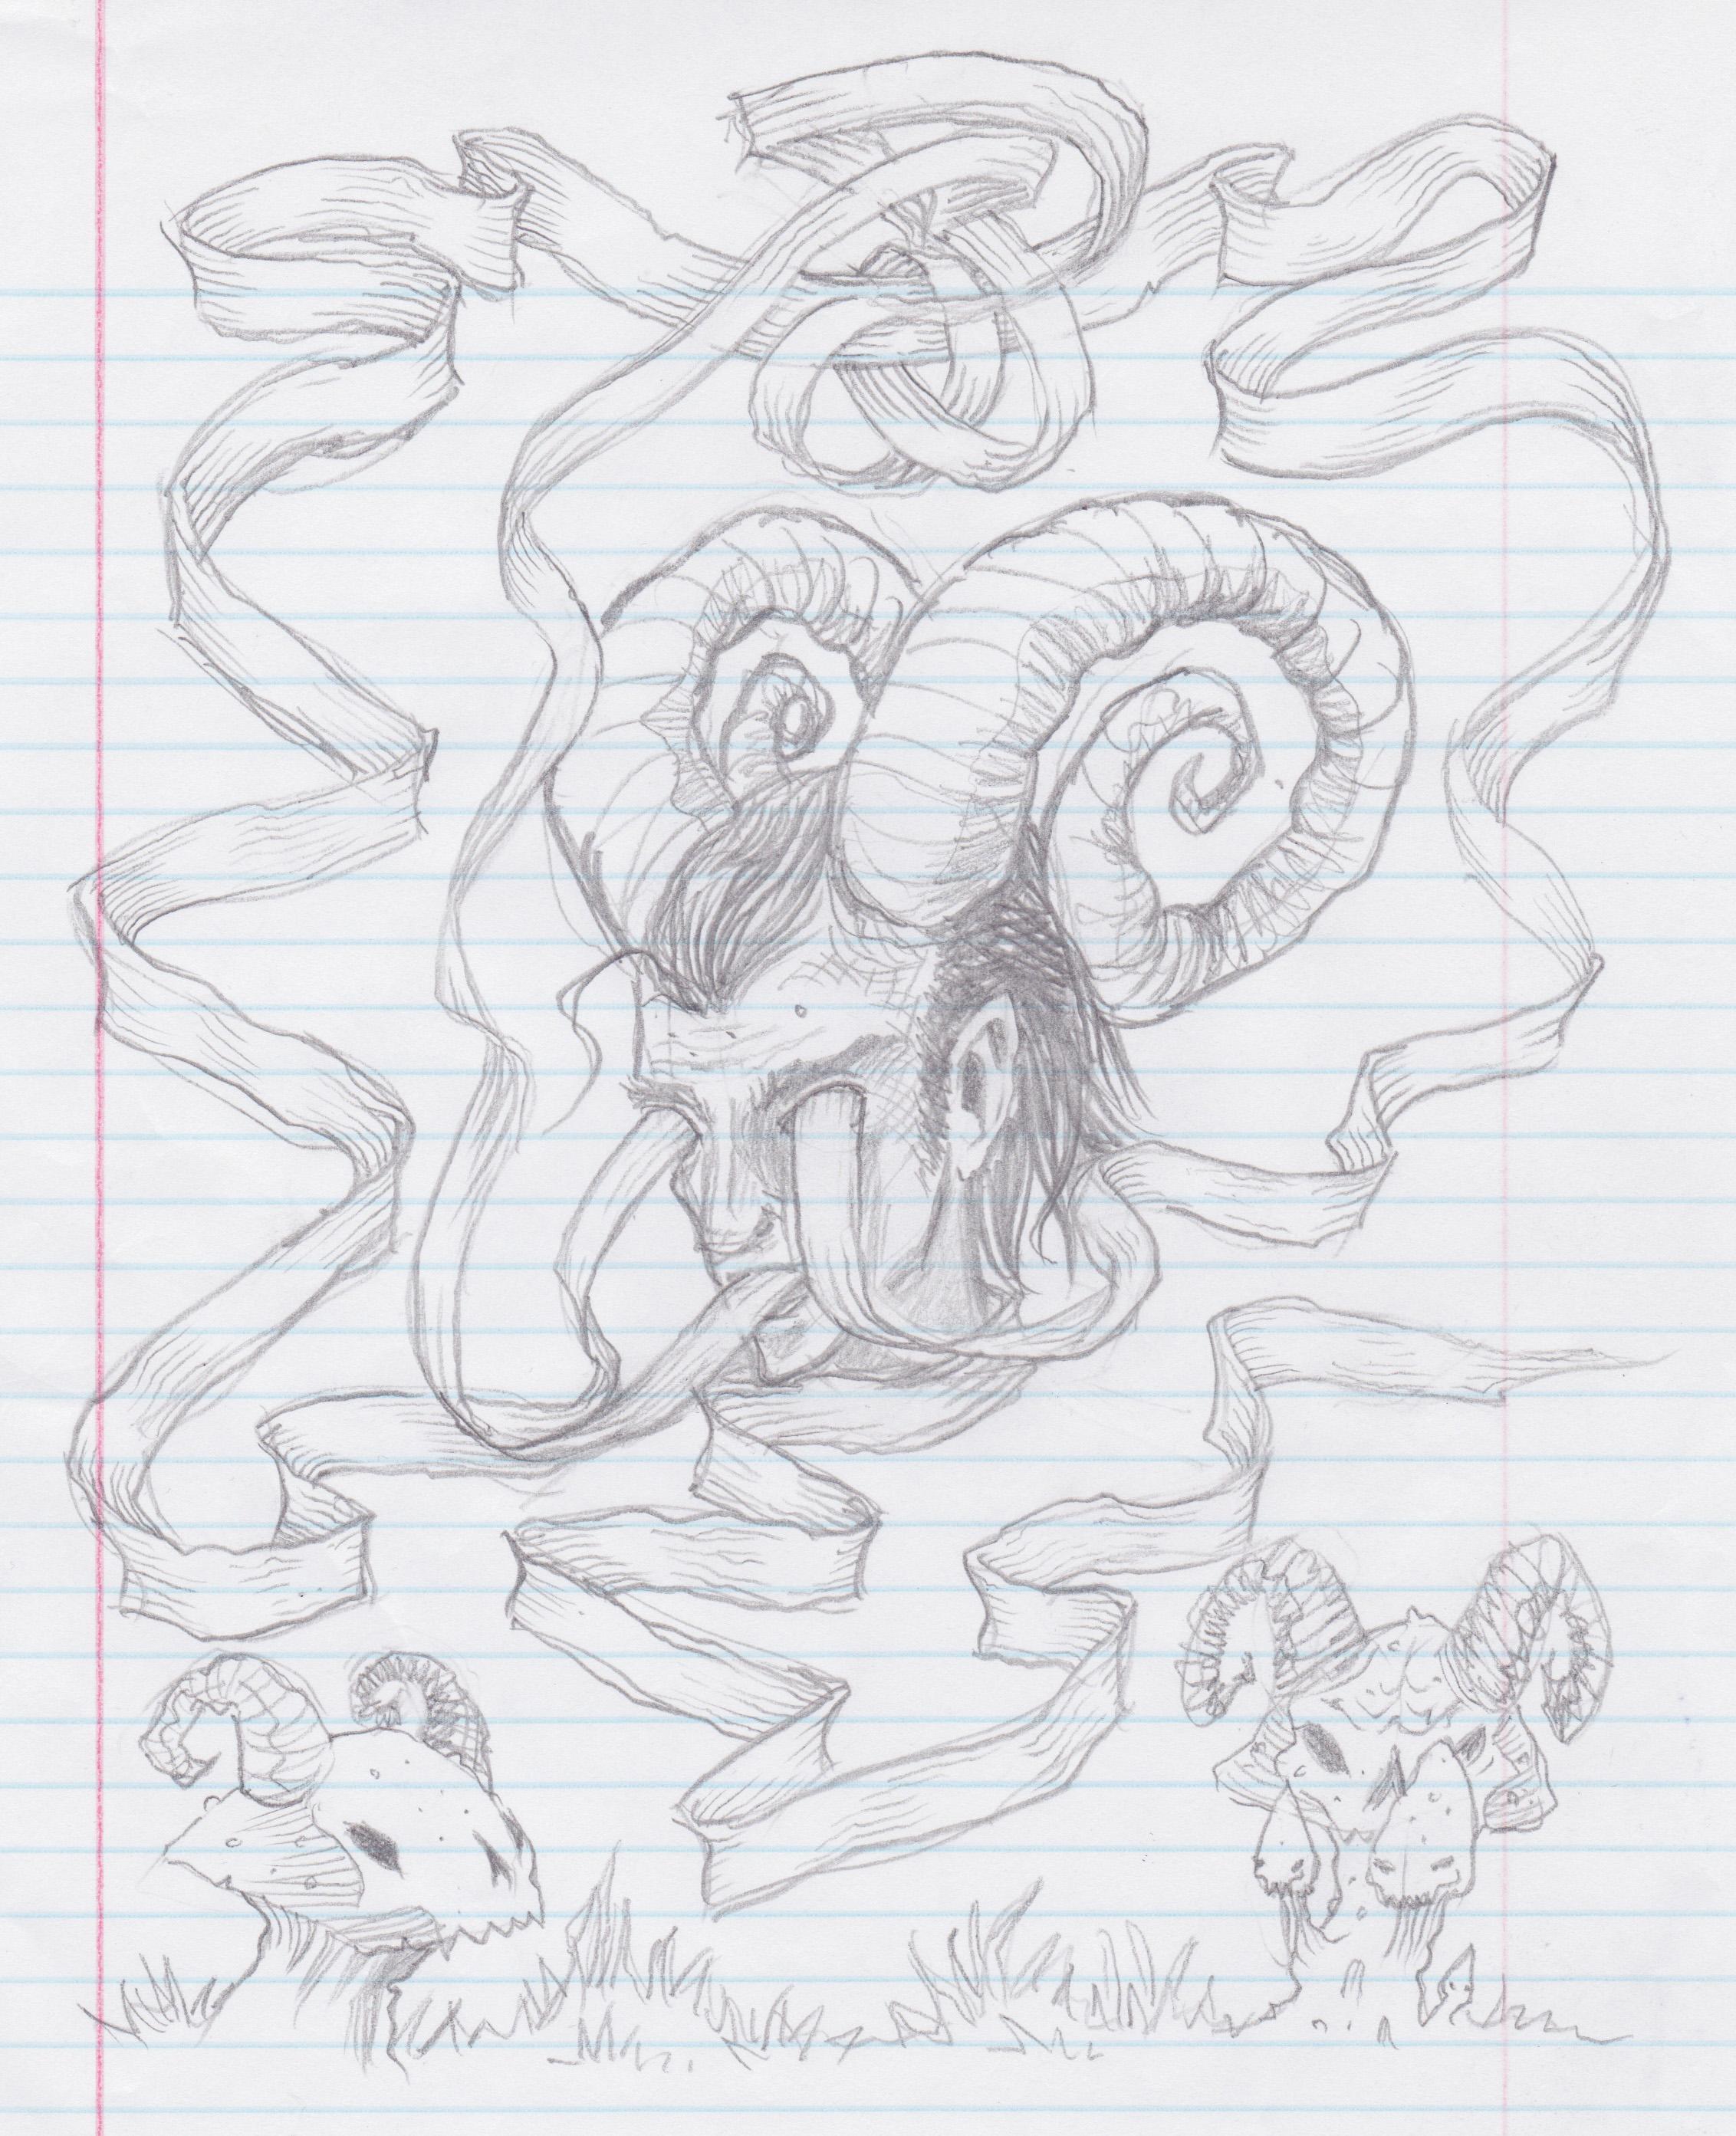 Soliloquy Sketch.jpg